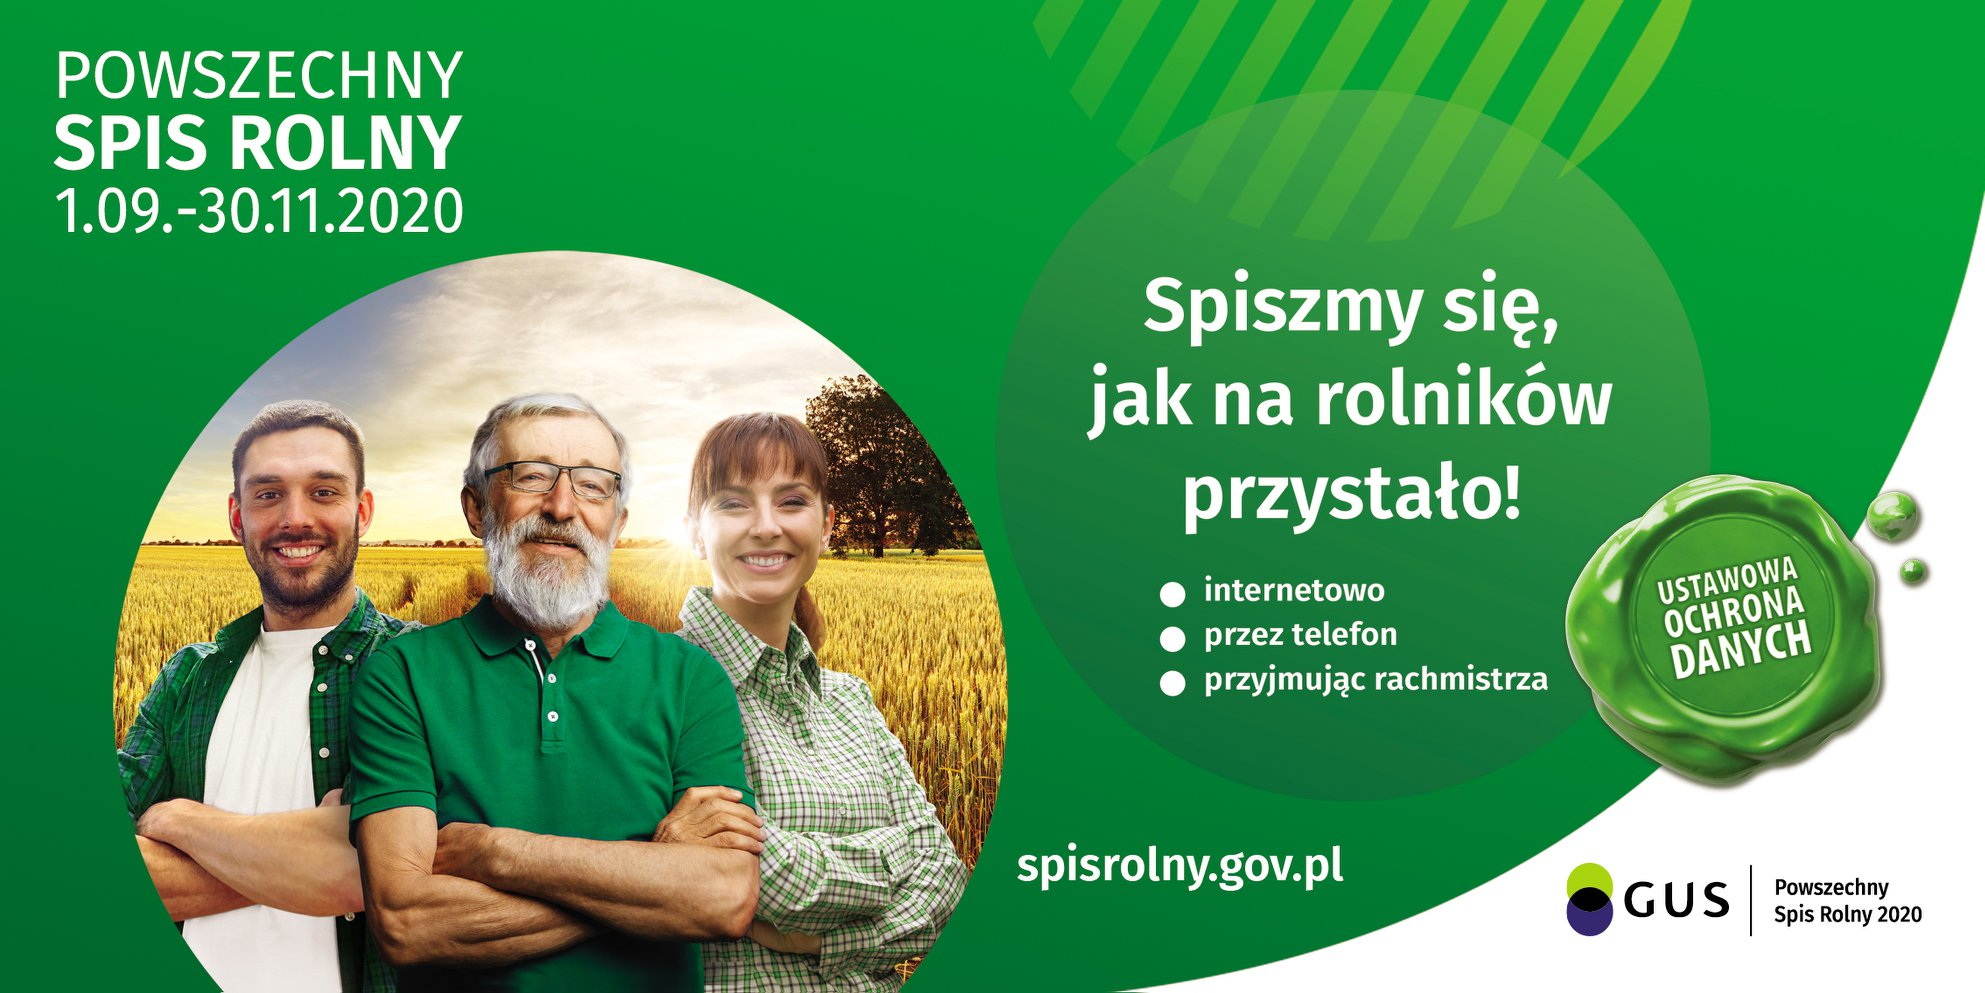 POWSZECHNY SPIS ROLNY 2020  Powszechny Spis Rolny 2020 zostanie przeprowadzony w...